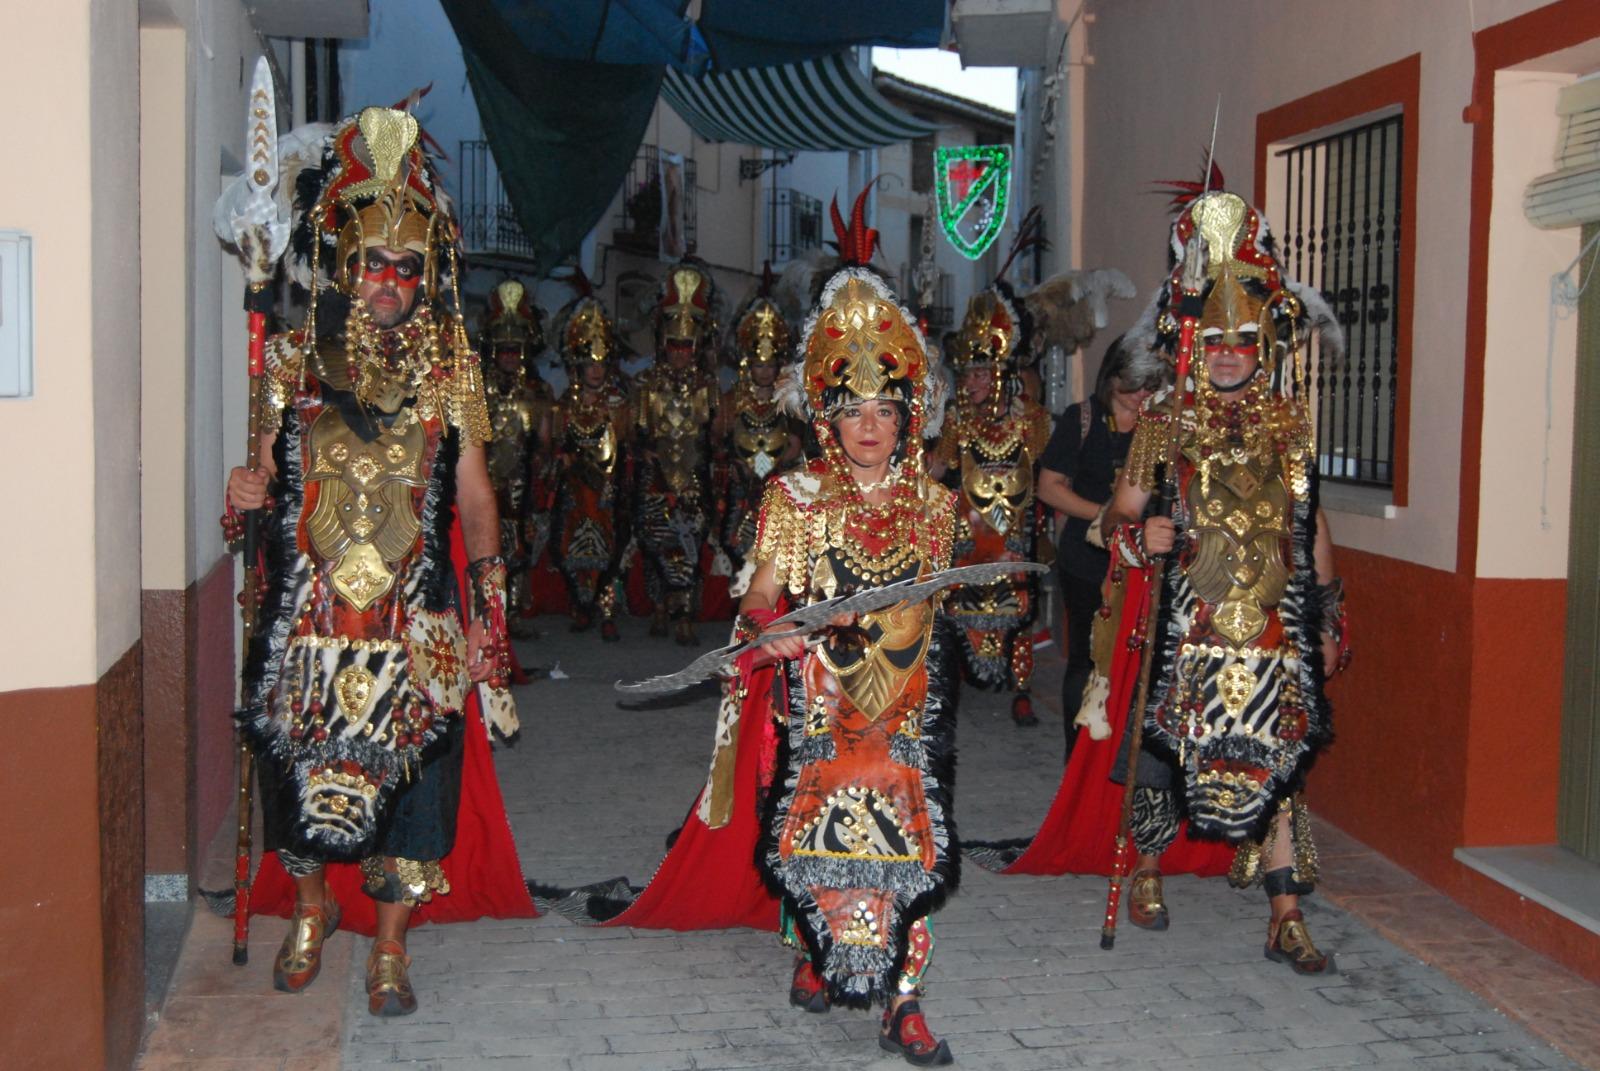 Festes de Moros i Cristians en Alcalà de la Jovada